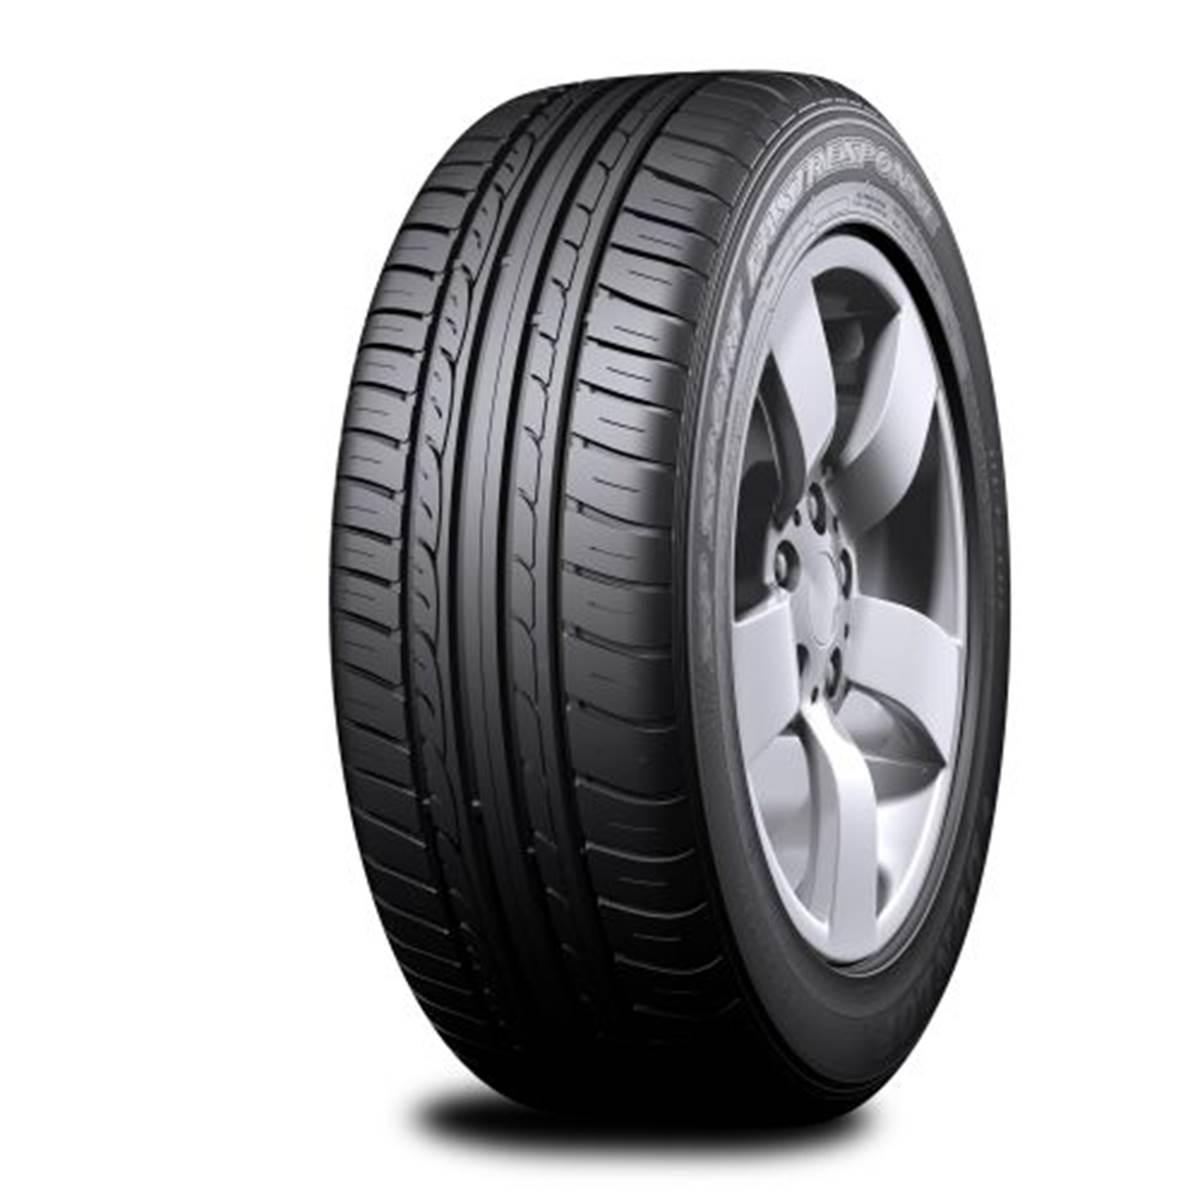 Dunlop SP Sport Fast Response pneu